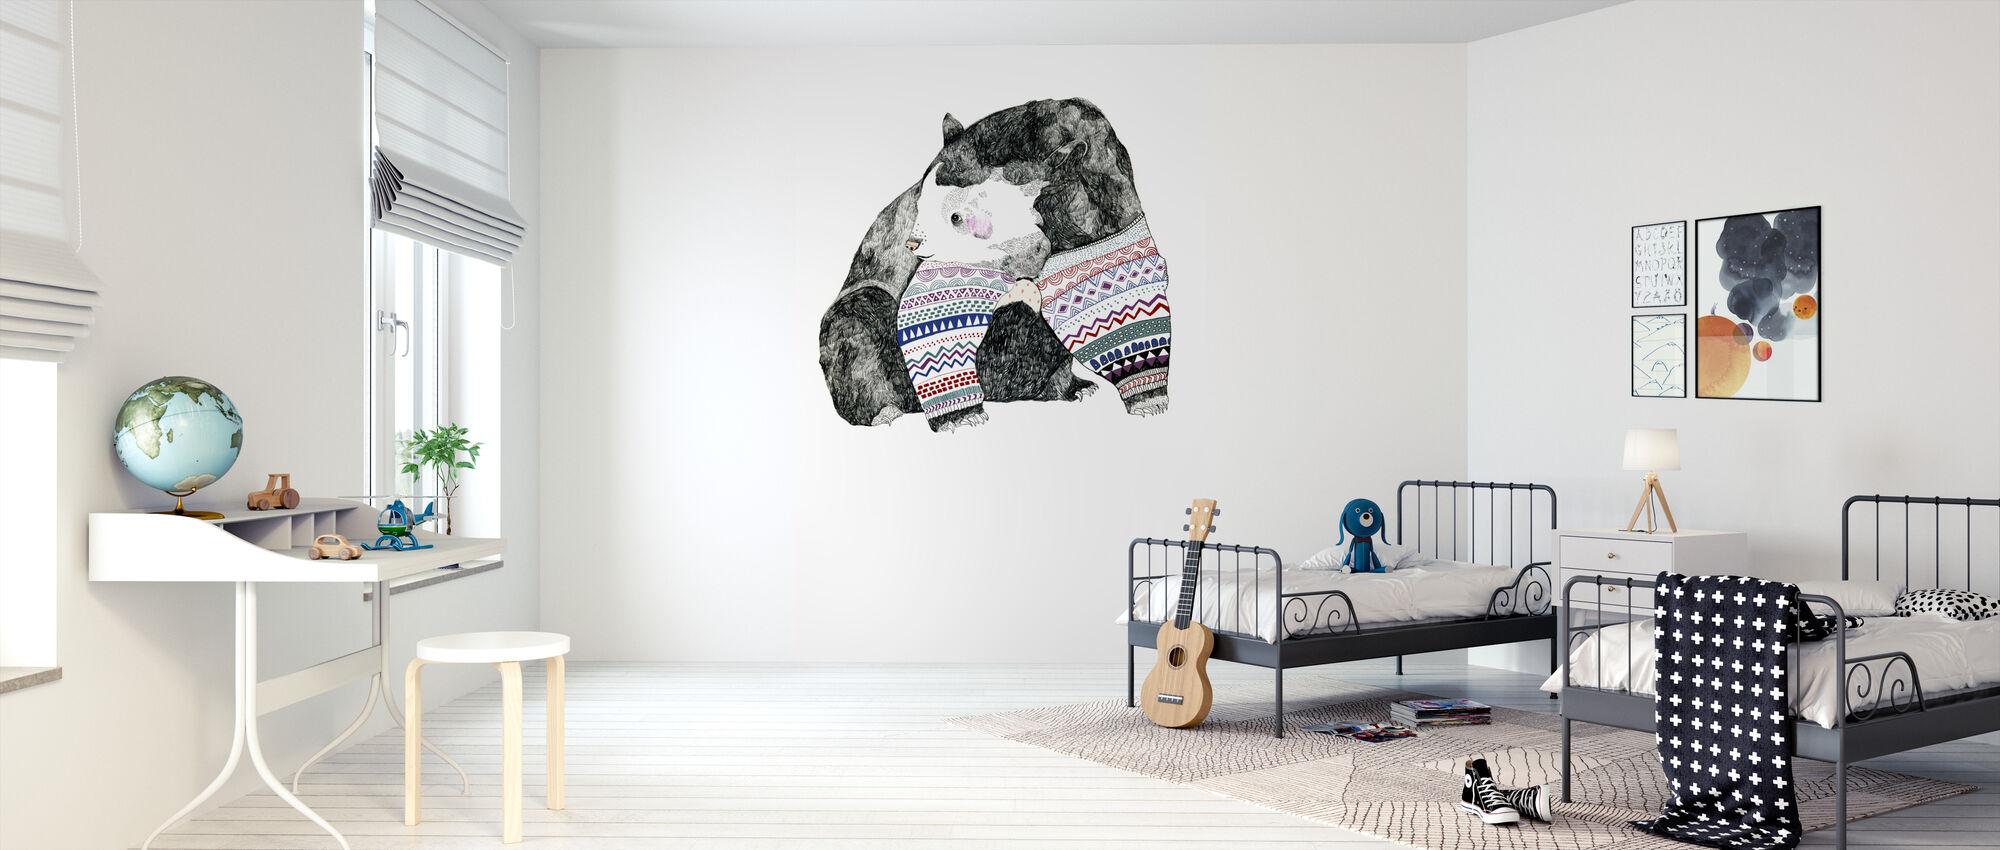 Knitted Bear - Wallpaper - Kids Room